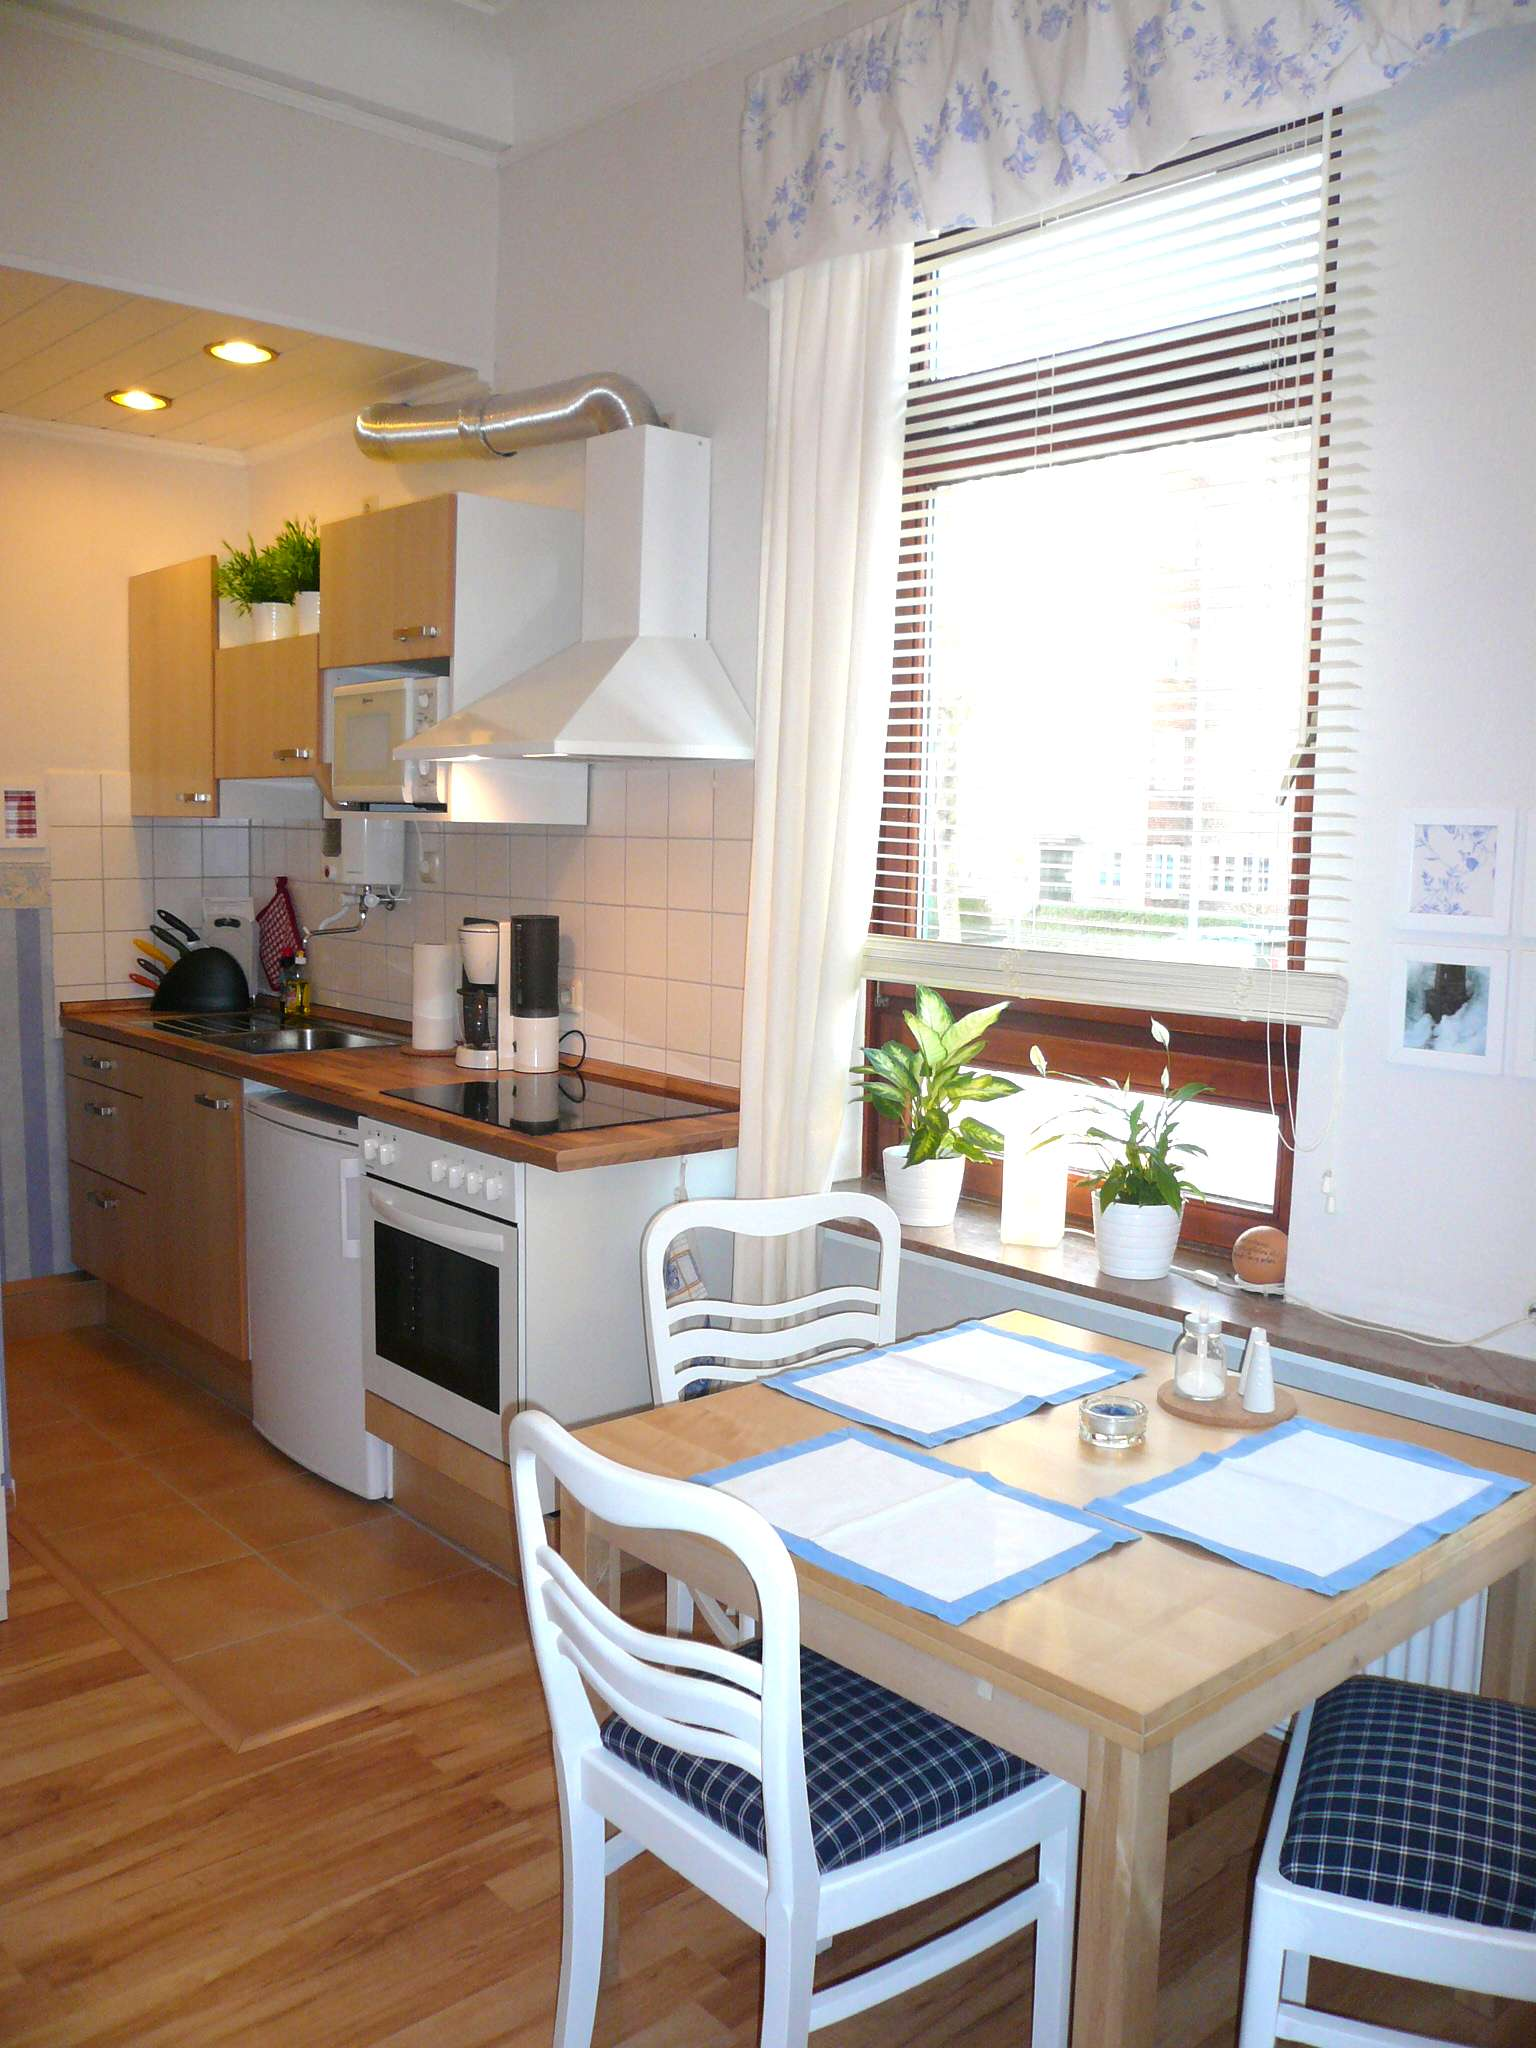 apartment küche | ferienwohnung-schloo - Apartment Küche